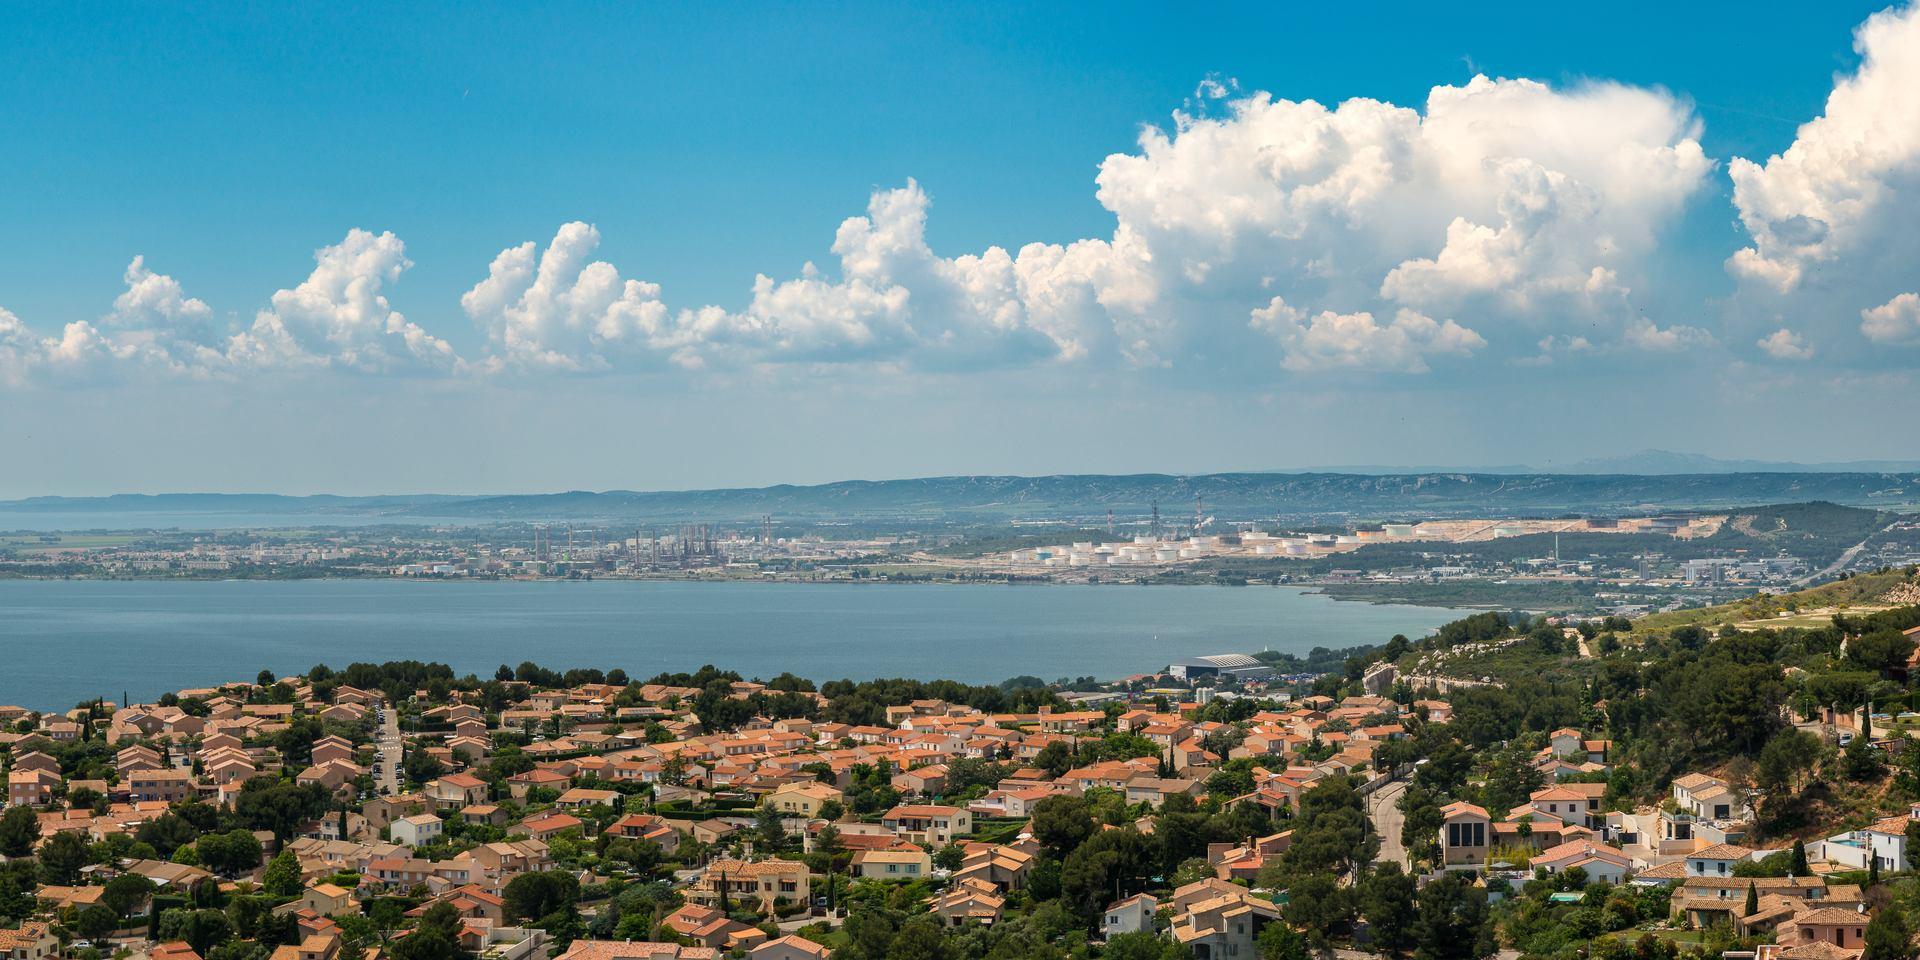 stories/2019-11-05-amazing-provence/marignane